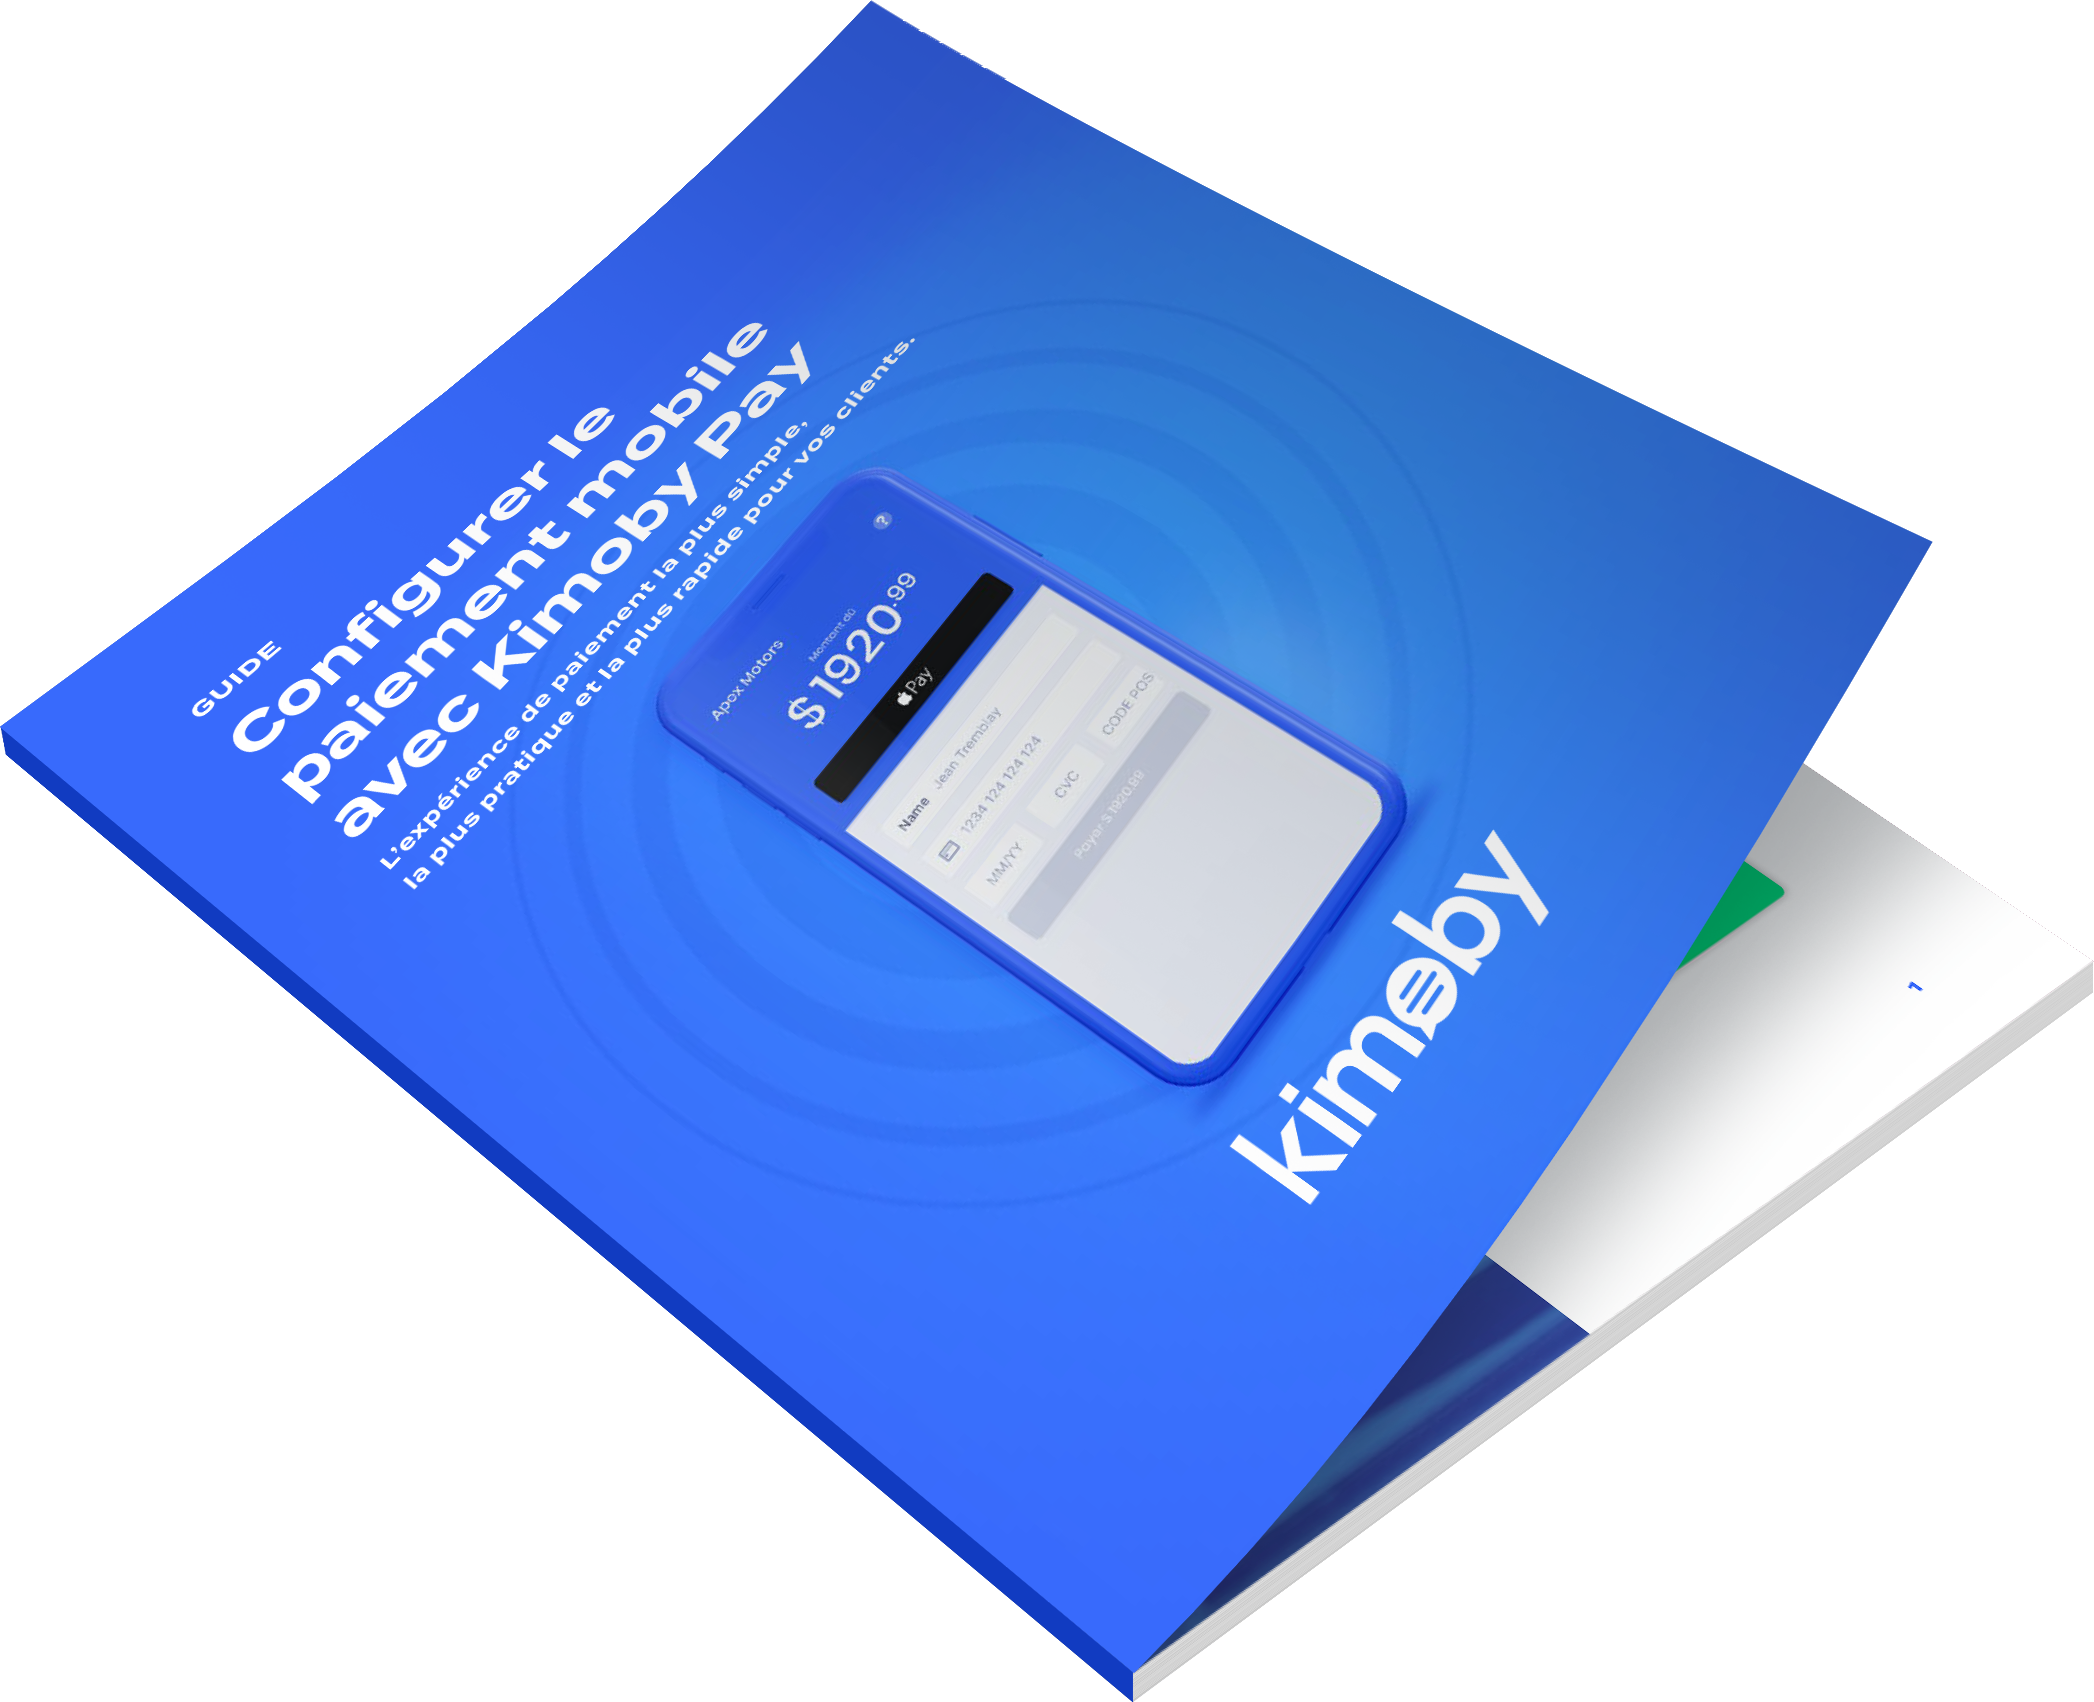 Configurer le paiement mobile avec Kimoby Pay